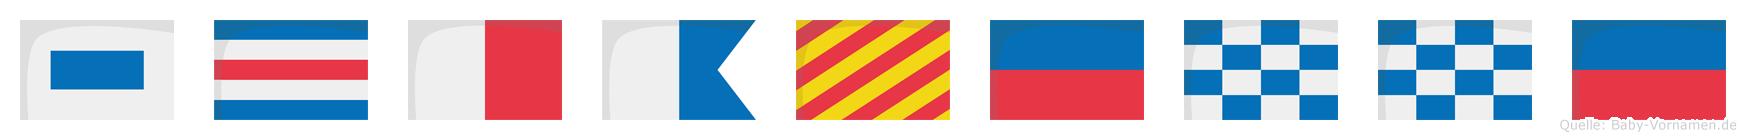 Schayenne im Flaggenalphabet